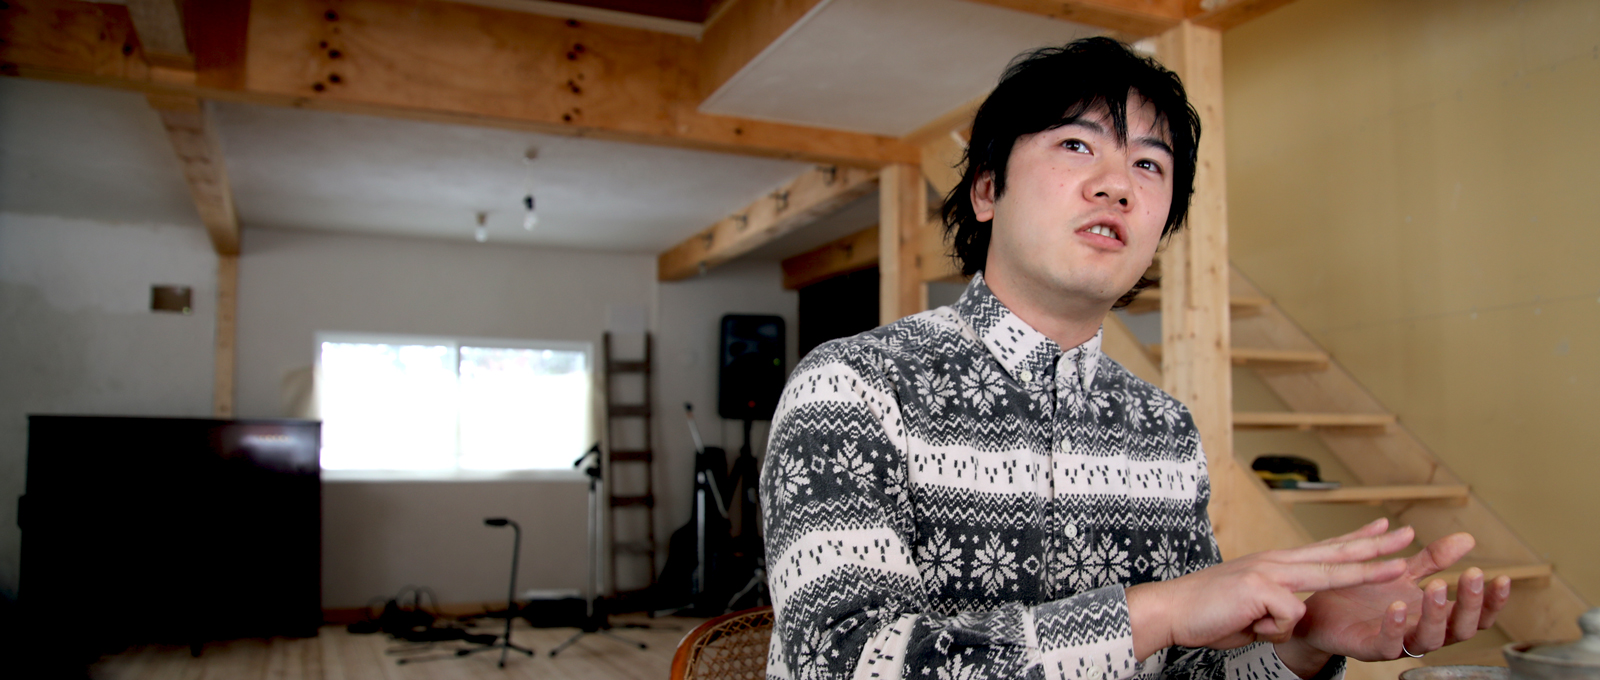 京都の大学へ ギターと共に路上で奏で歌い始める